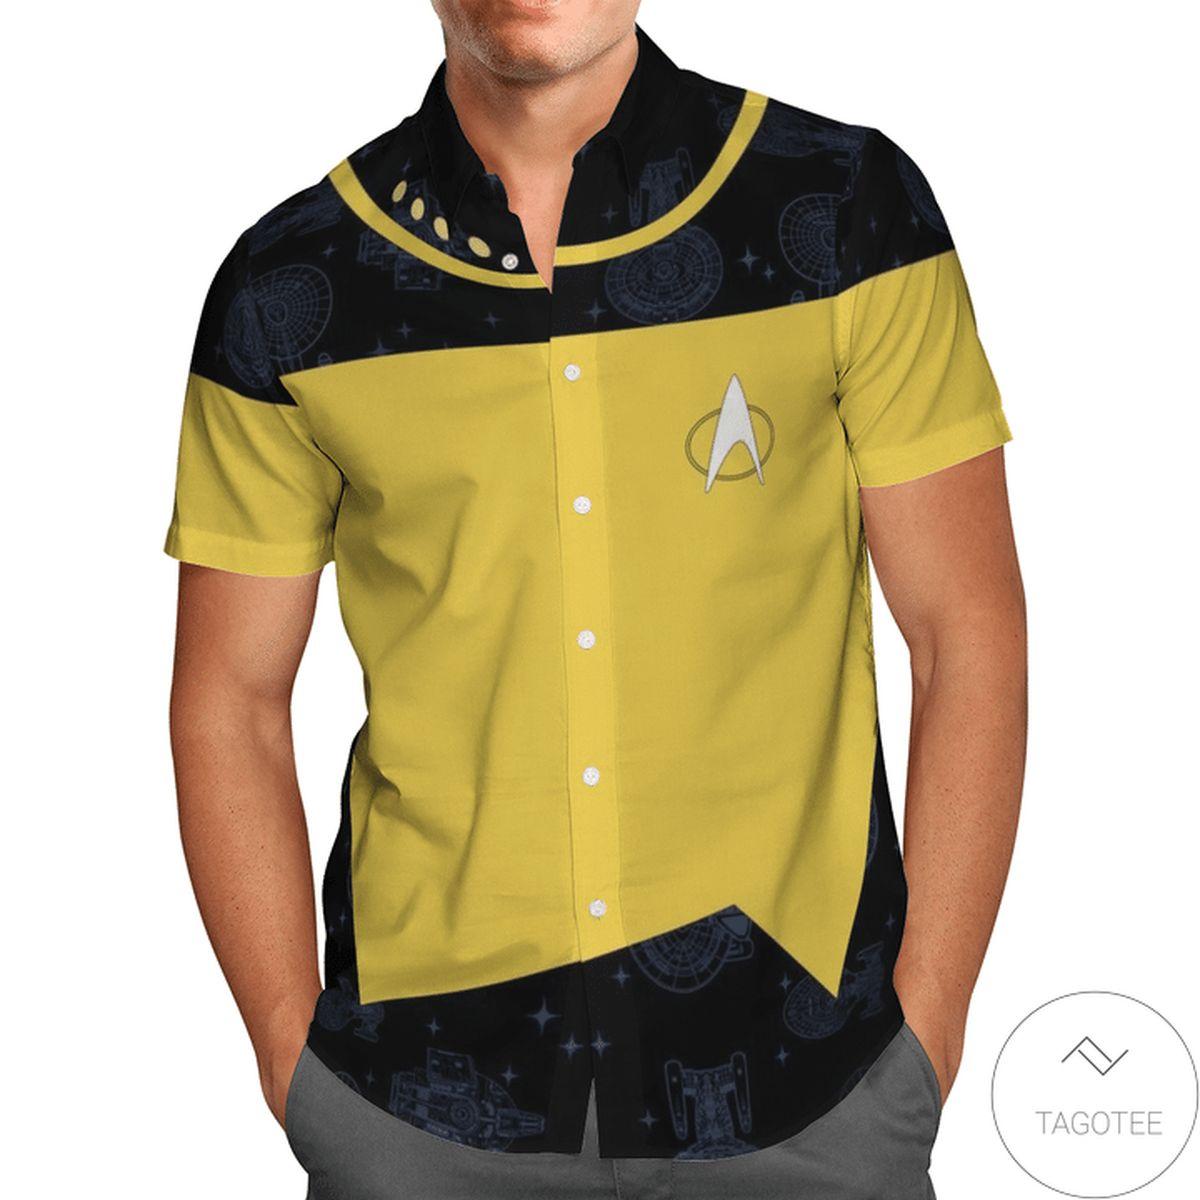 Amazing St Hawaiian Shirt Yellow And Black Hawaiian Shirt